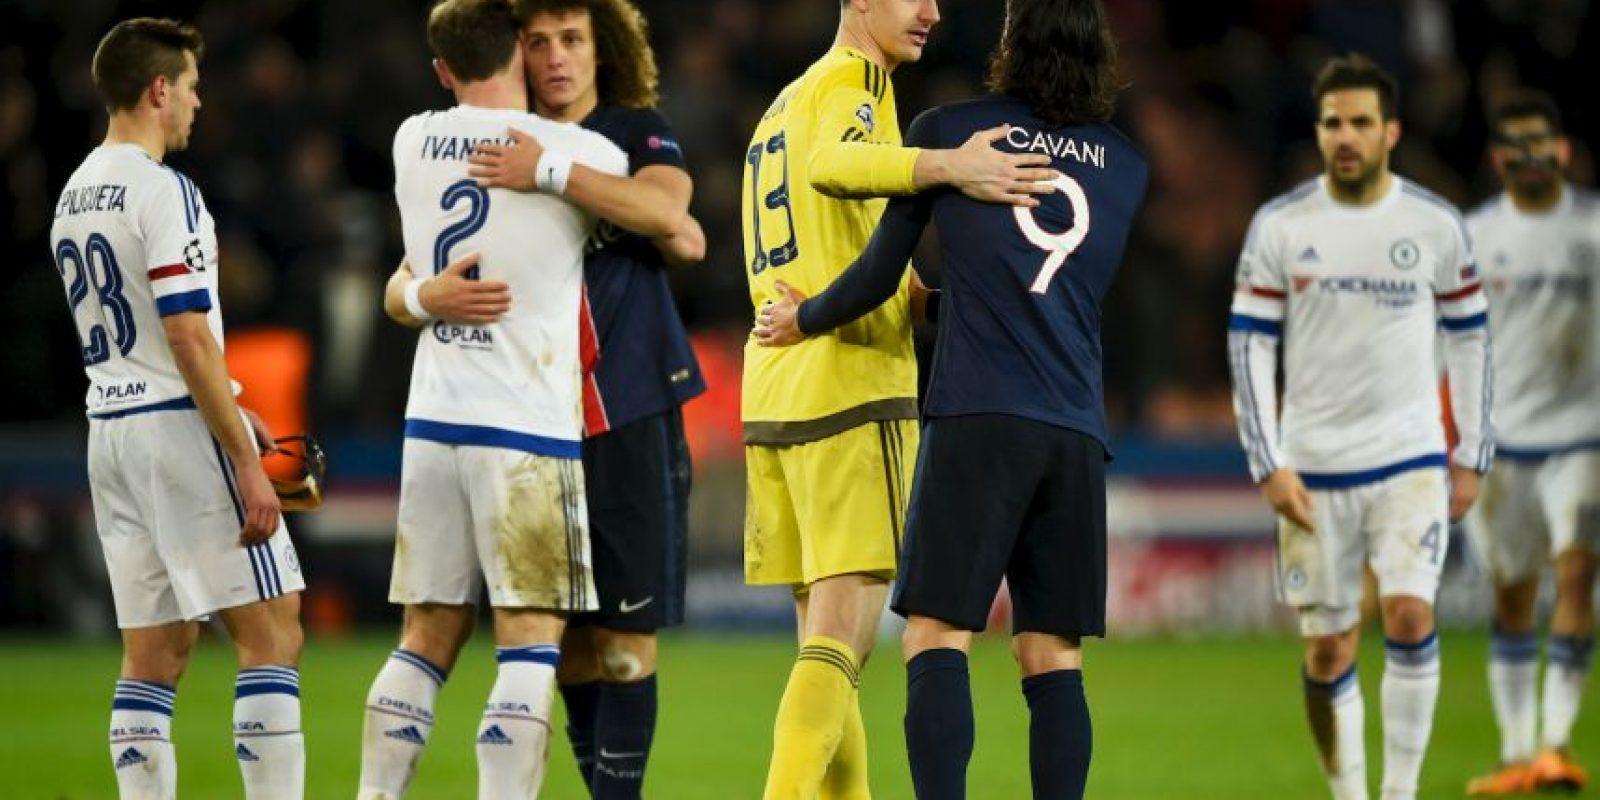 8 y 9 de marzo: Partidos de vuelta de octavos de final de la Champions League (primeros cuatro juegos) Foto:Getty Images